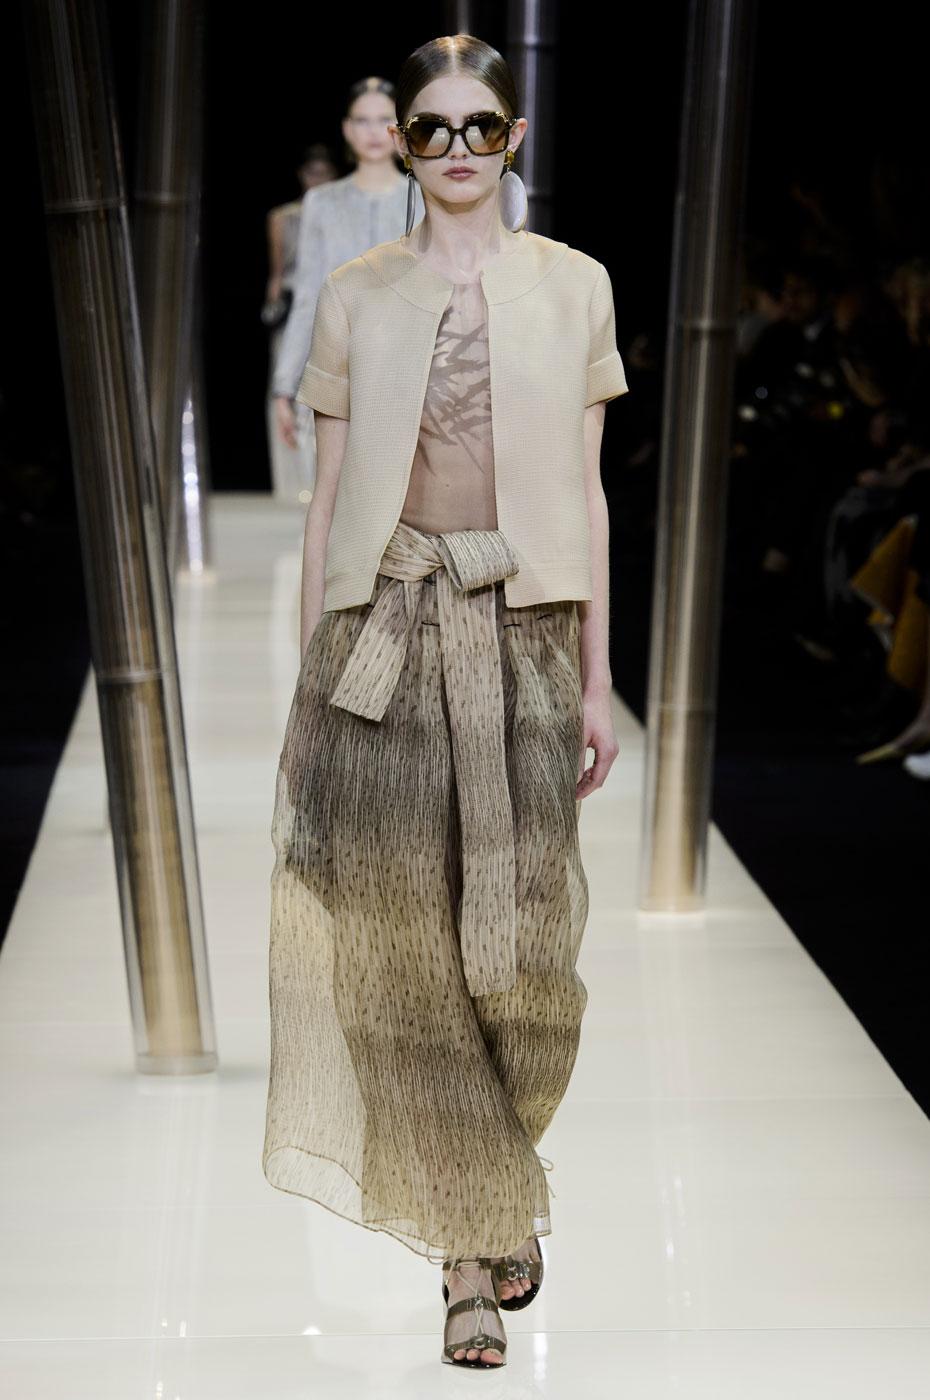 Giorgio-armani-Prive-fashion-runway-show-haute-couture-paris-spring-2015-the-impression-023